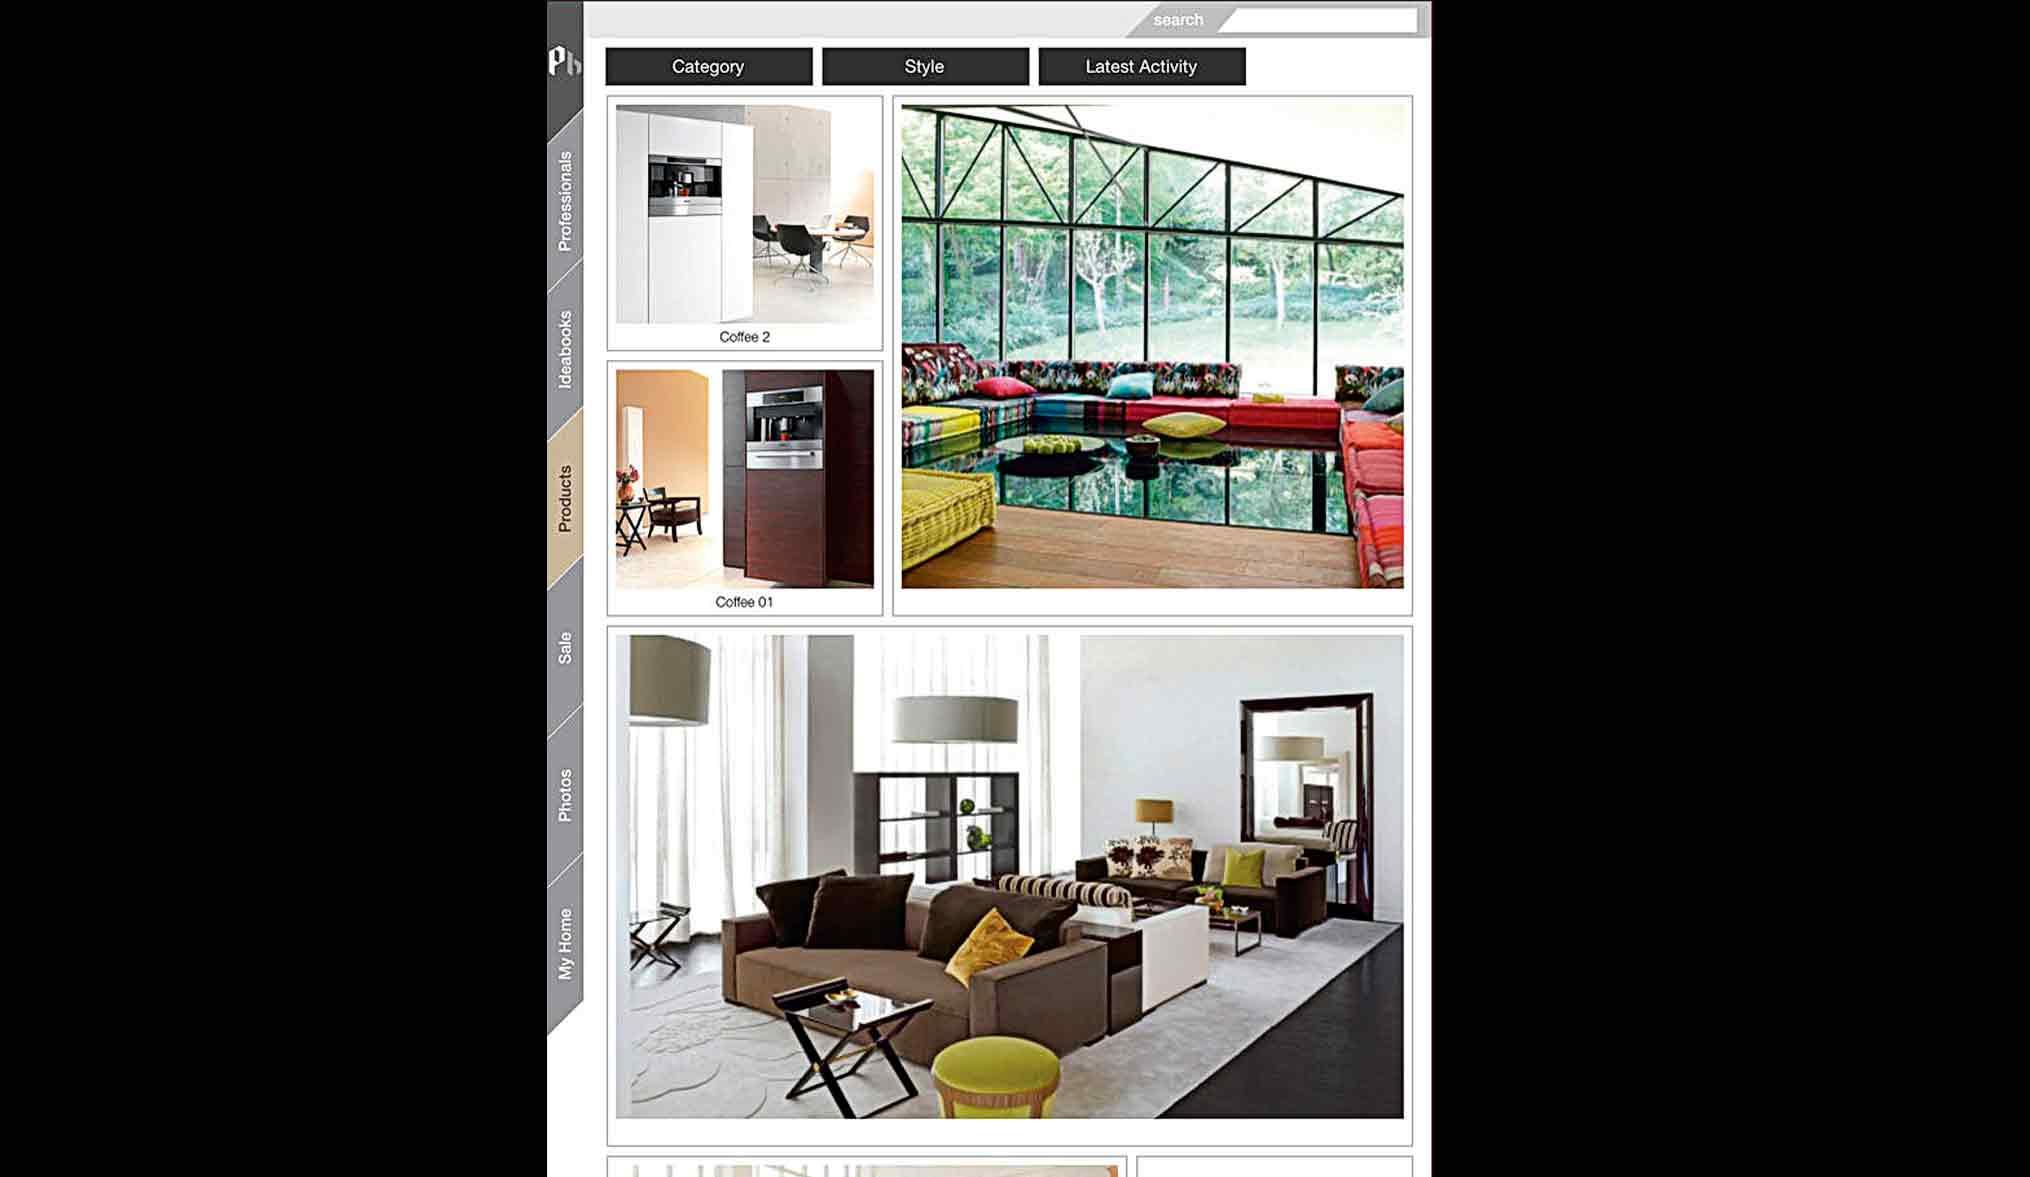 Cambia el aspecto de toda tu casa con estas apps gratuitas casa y m s decoraci n el - App diseno casas ...